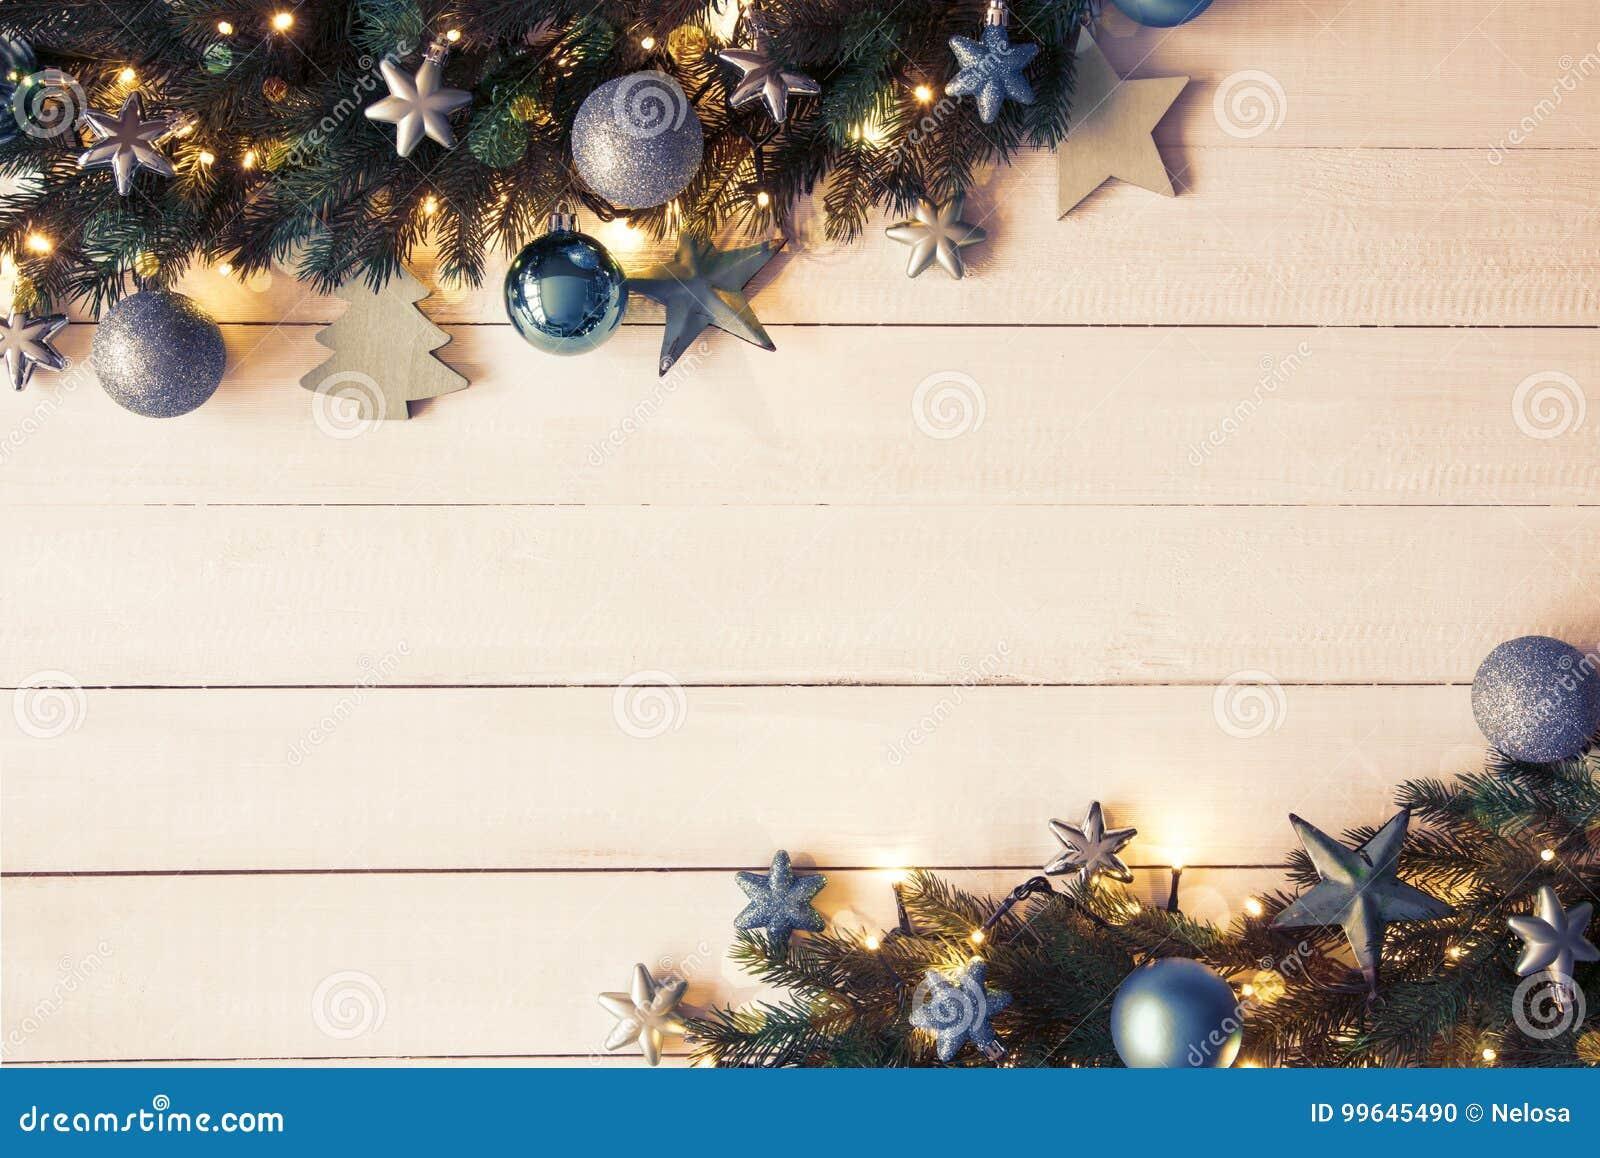 Türkis-Weihnachtsfahne, Rahmen, Tannenzweige, Instagram-Filter ...